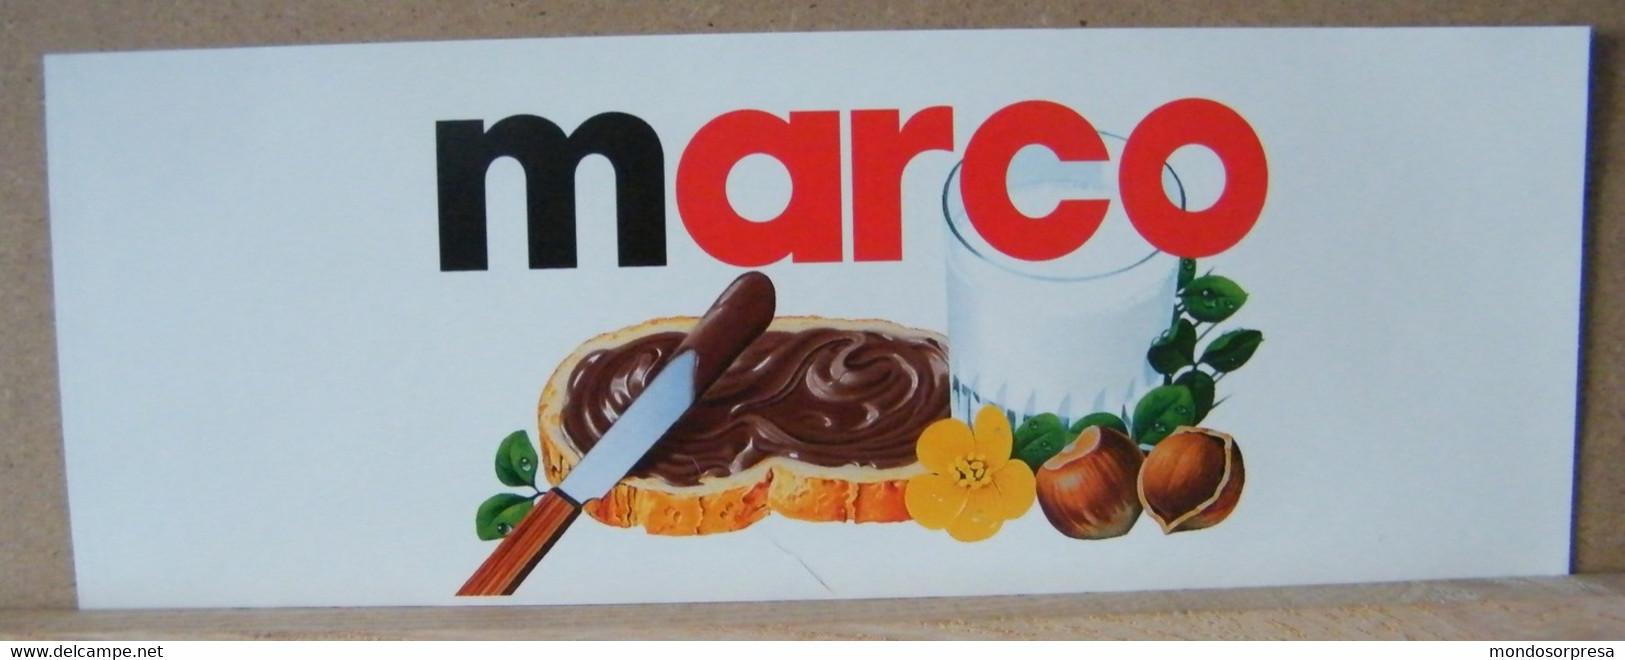 MONDOSORPRESA, ADESIVI NUTELLA NOMI, MARCO - Nutella